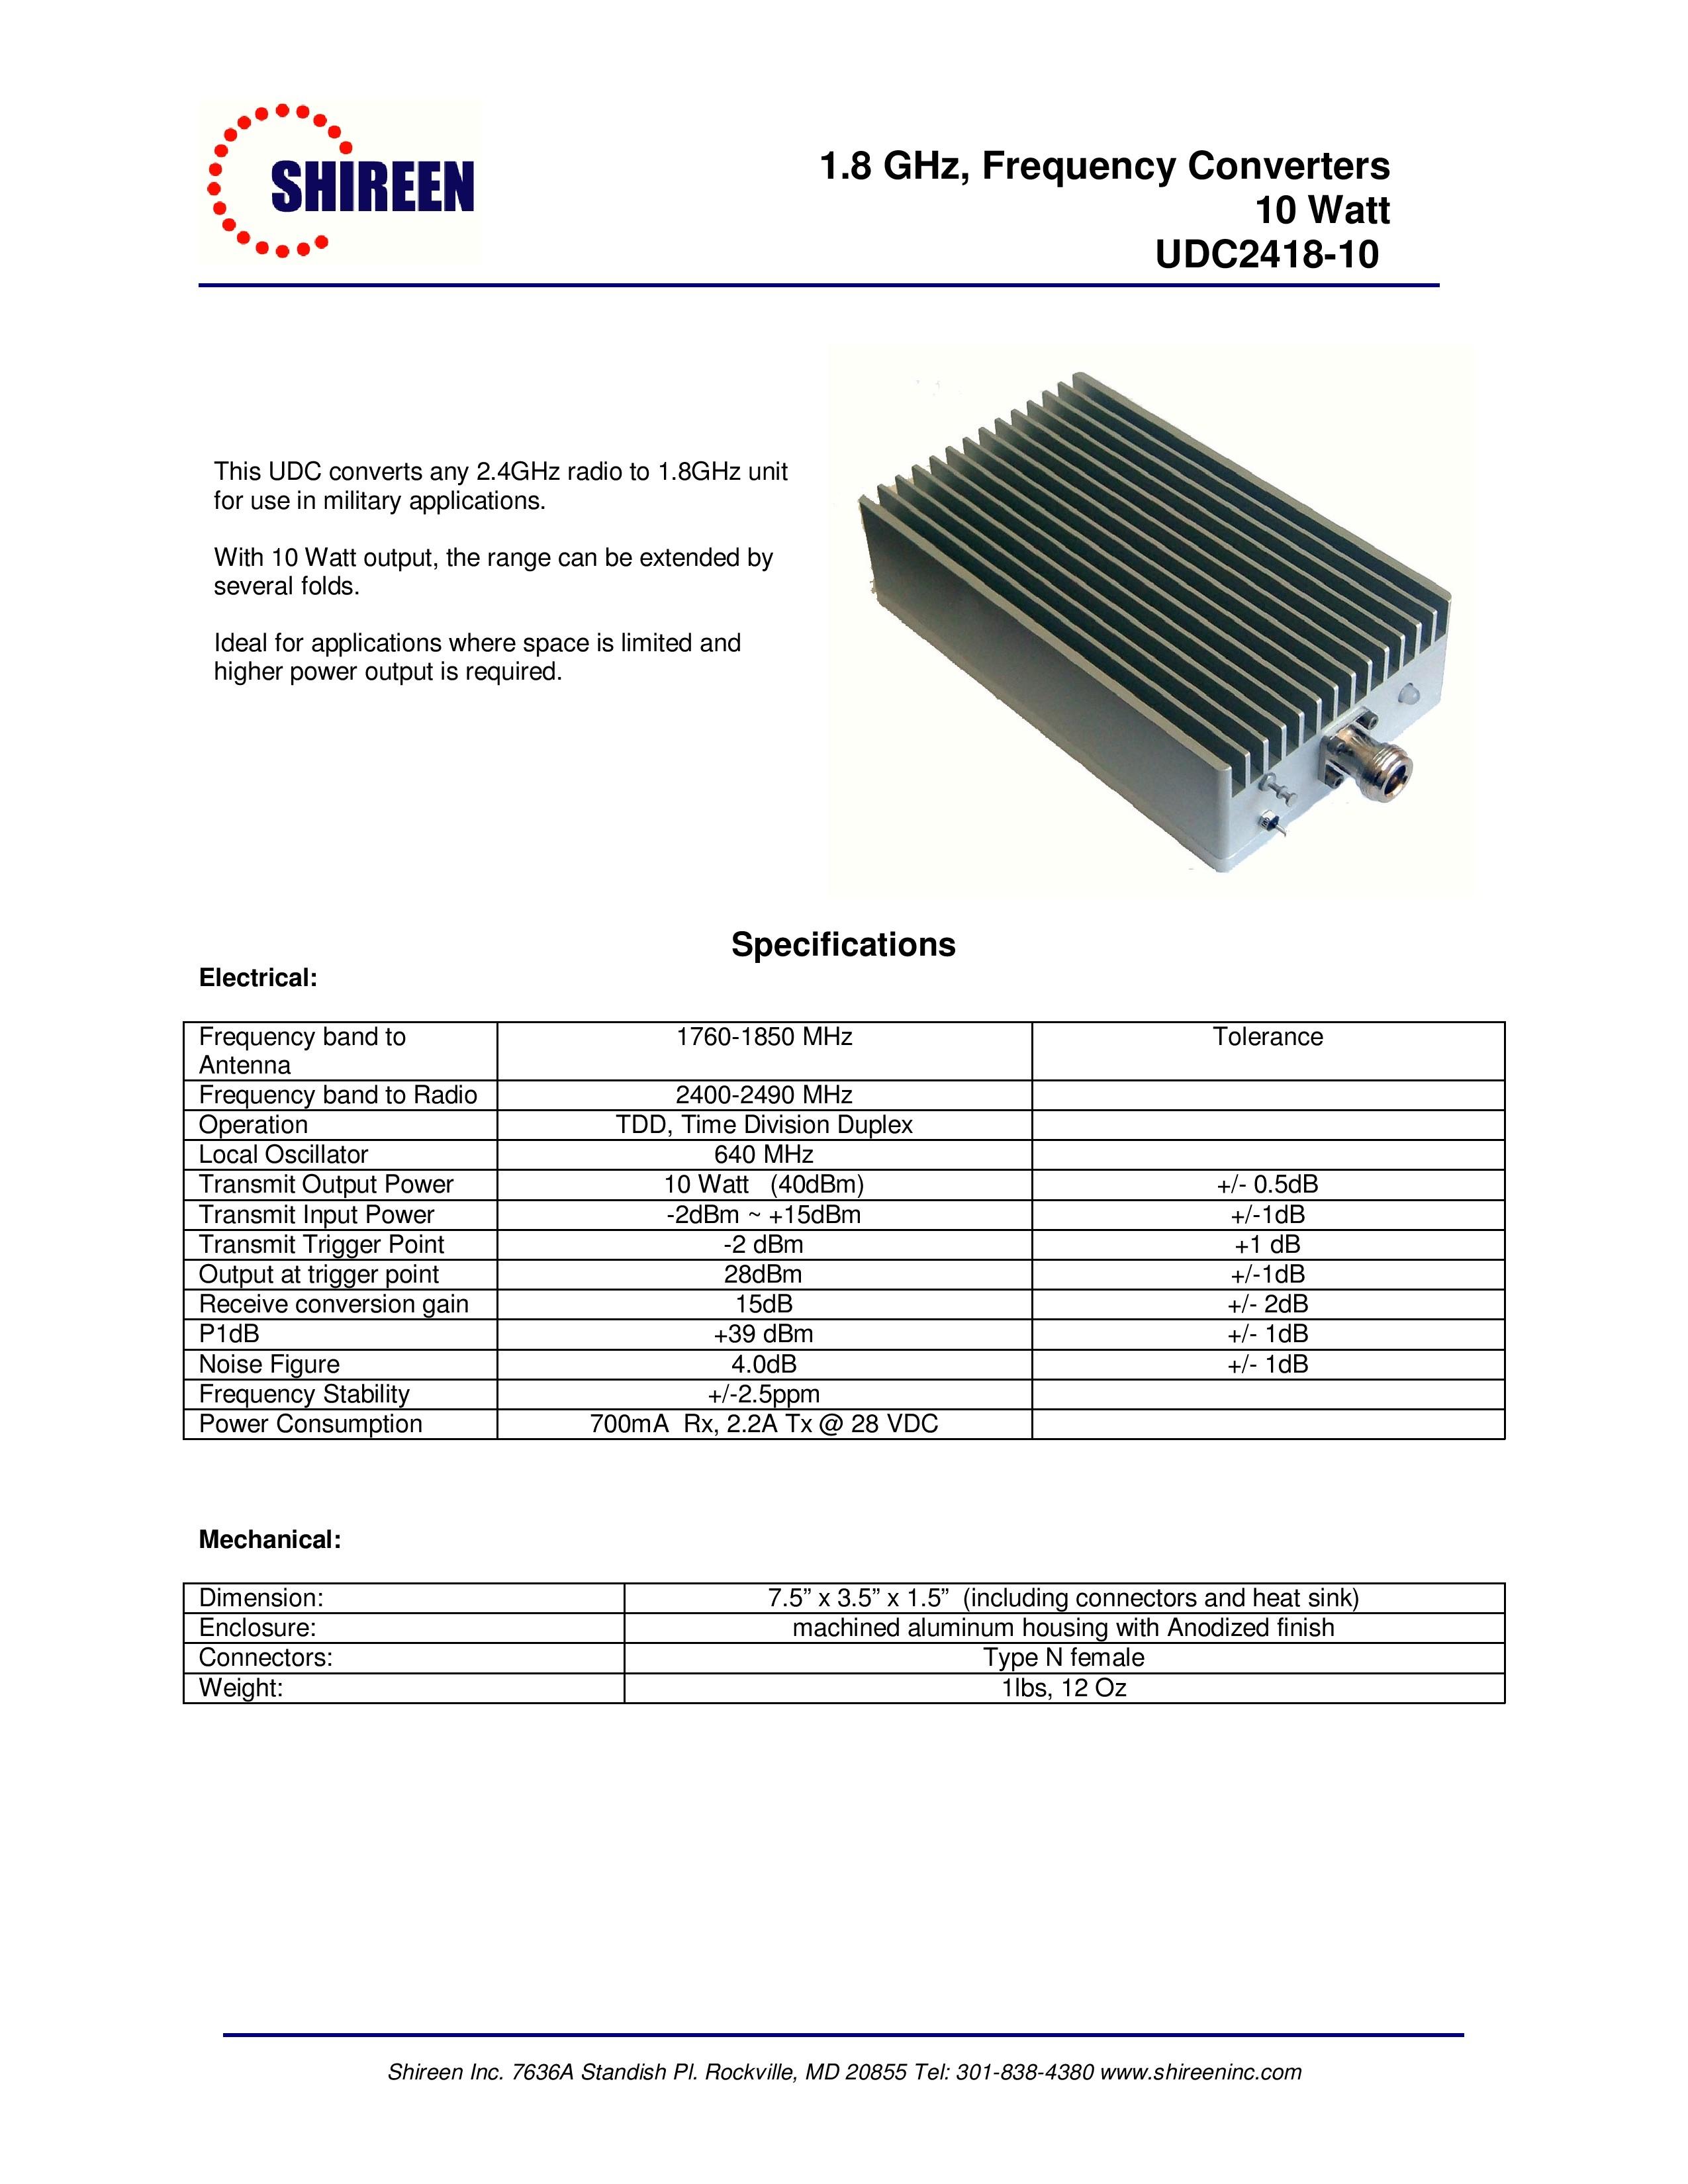 2.4GHz to 1.8GHz converter 10W